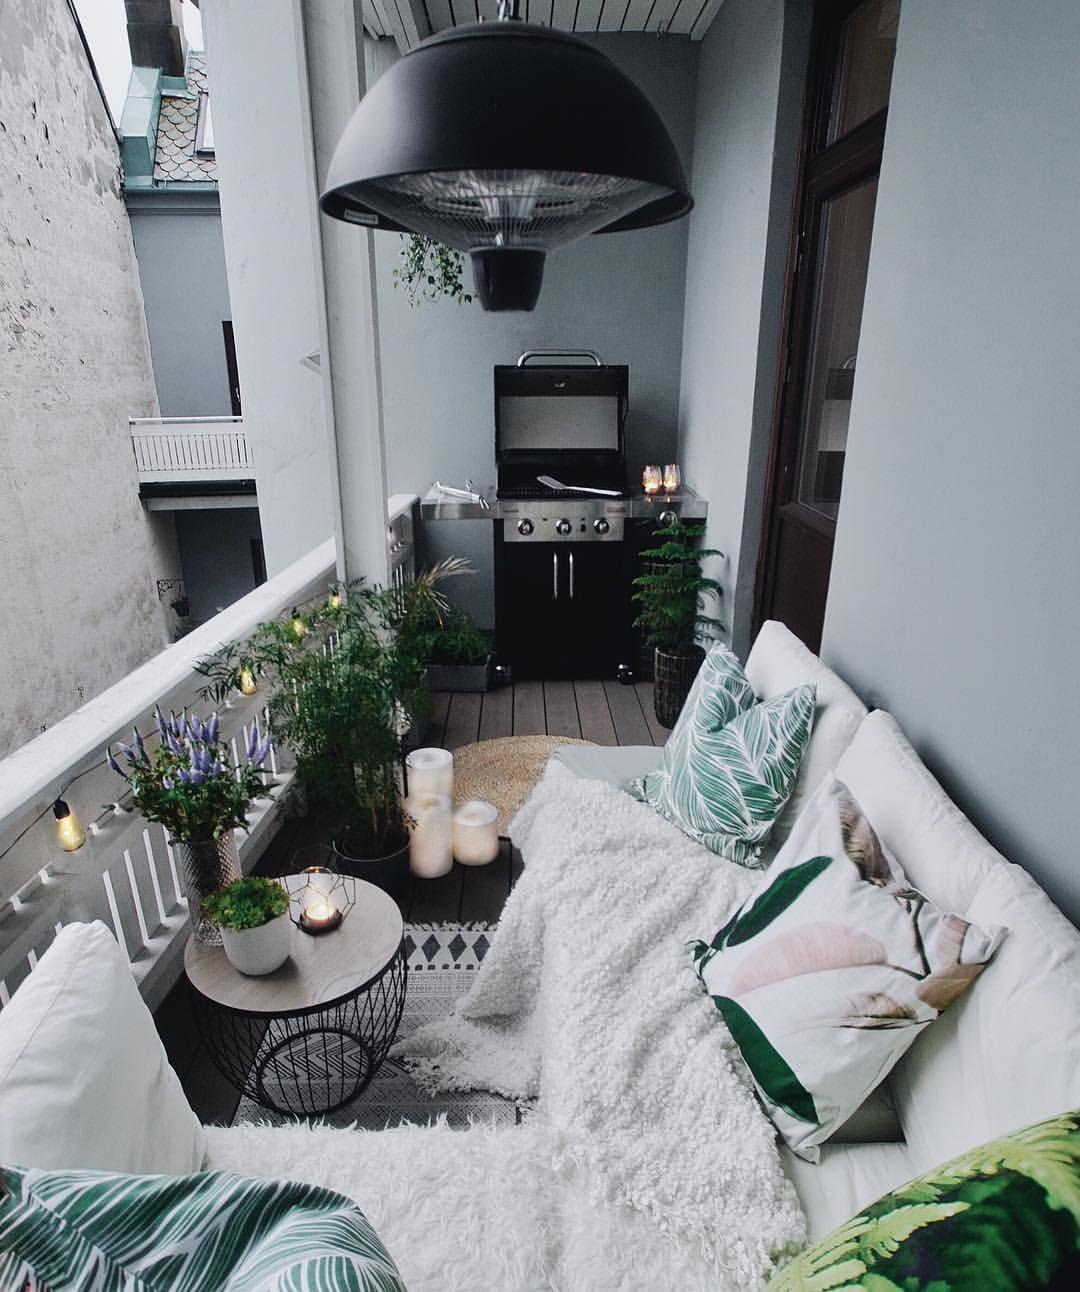 Divanetto Per Balcone Piccolo house inspiration | liten balkong inredning, lägenhet inredning